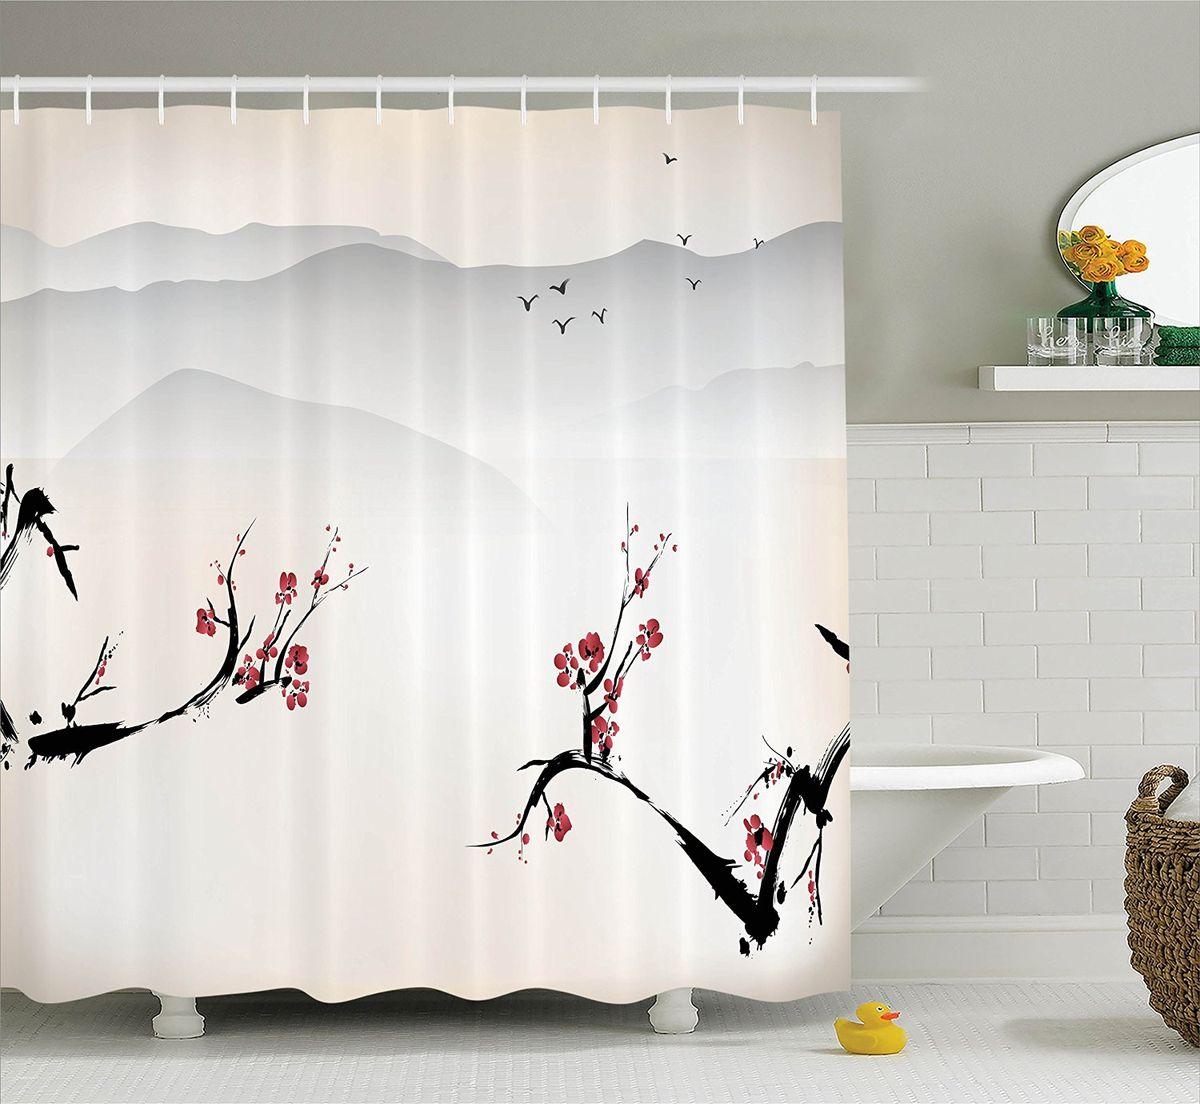 Штора для ванной комнаты Magic Lady Сакура на фоне гор, 180 х 200 см штора для ванной комнаты magic lady дерево в волшебном лесу цвет коричневый оранжевый 180 х 200 см href page 1